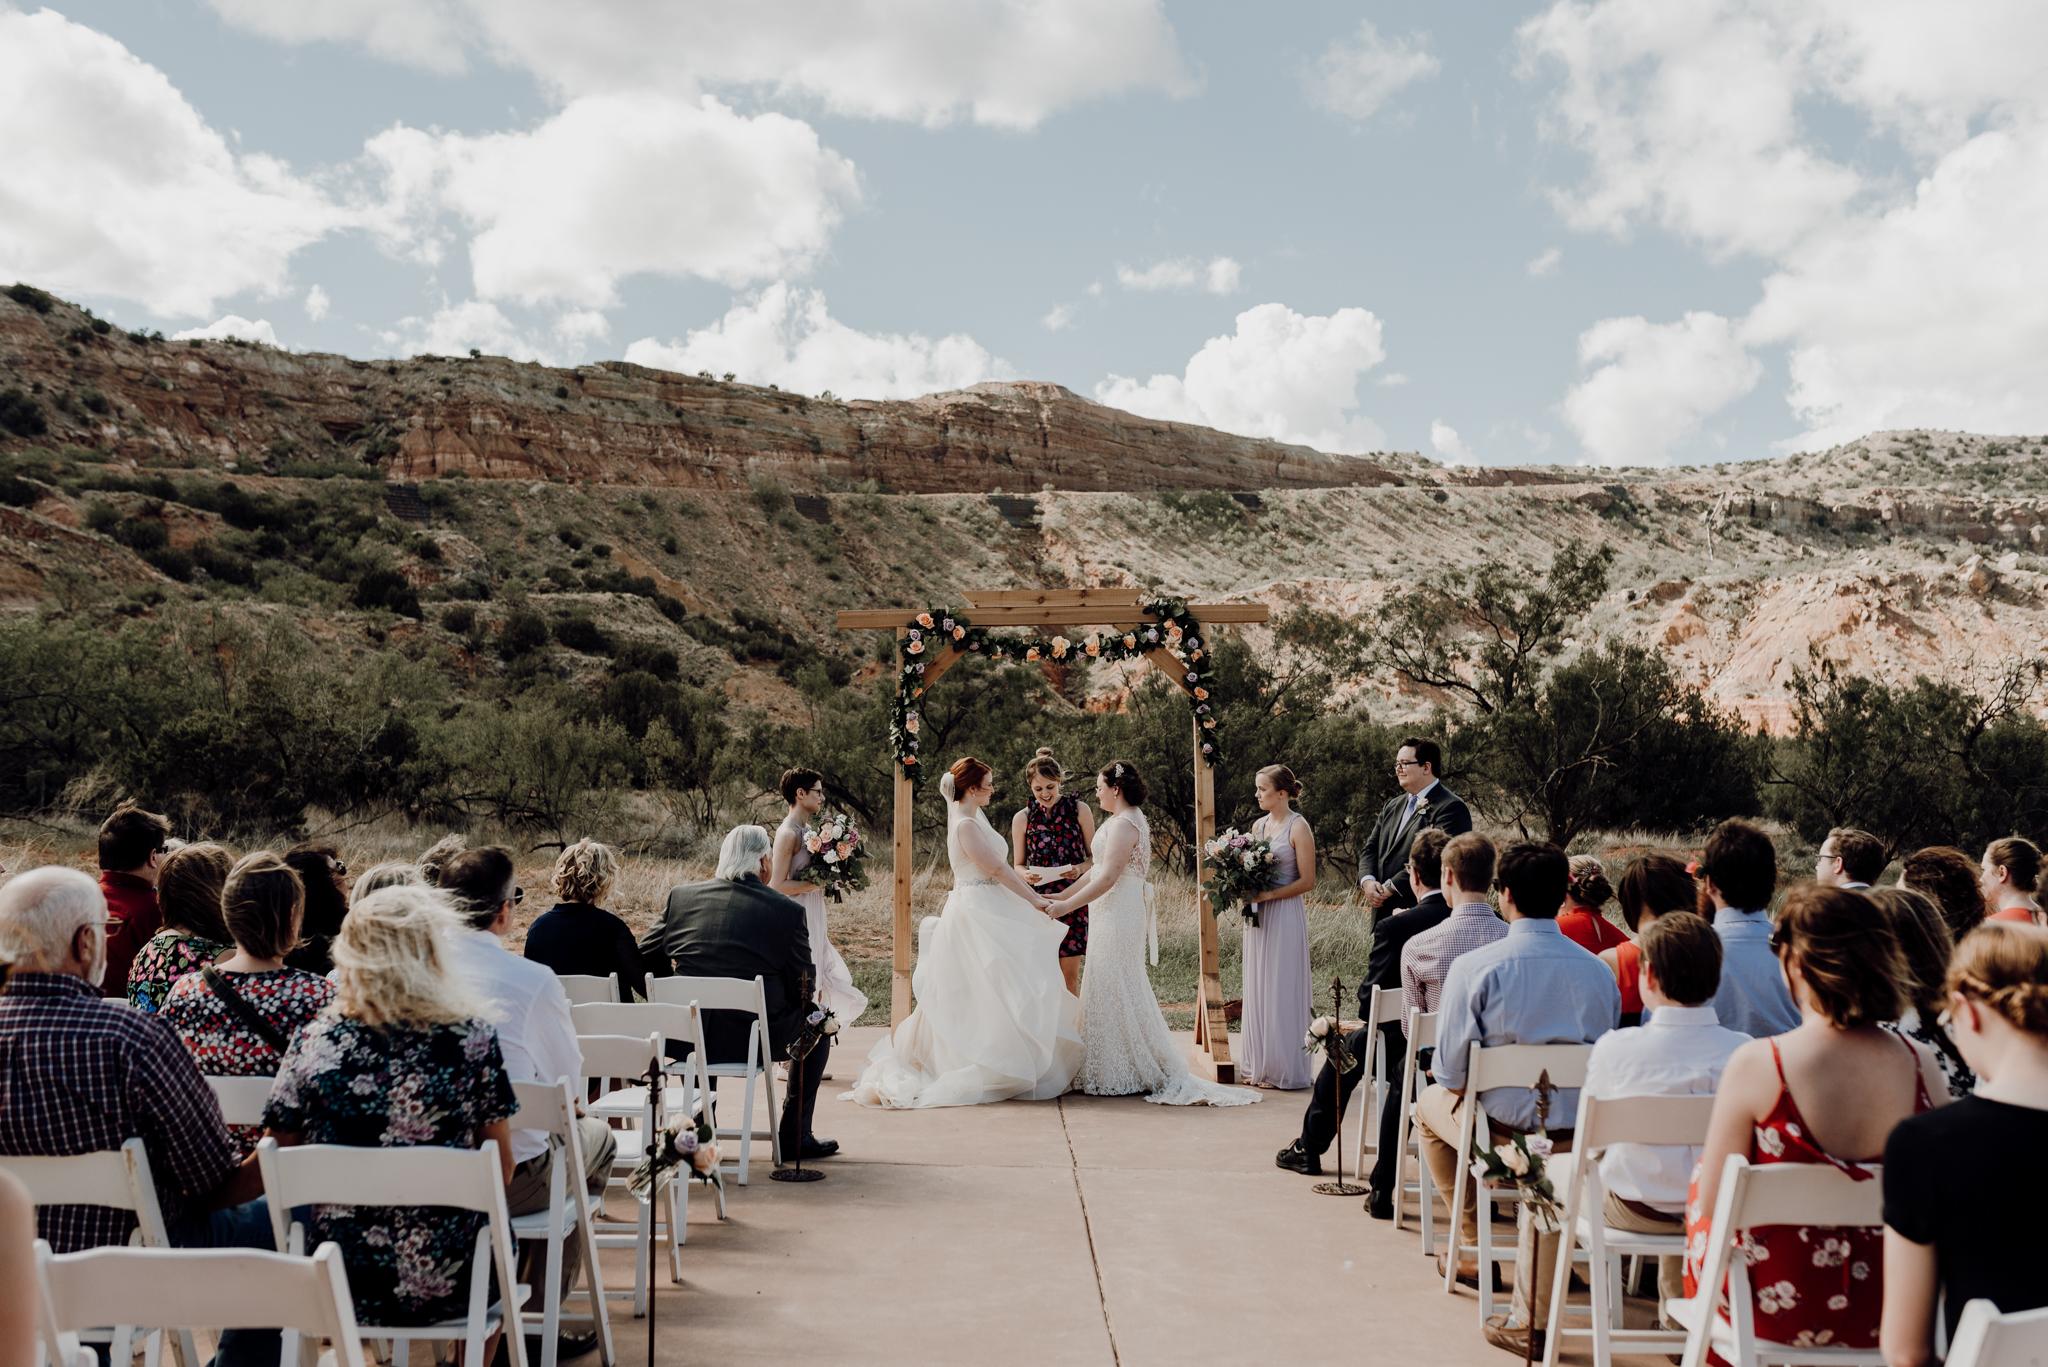 Texas Wedding Photographer-Palo Duro Canyon Sam Sex Wedding- Houston Wedding Photographer -Kristen Giles Photography-25.jpg